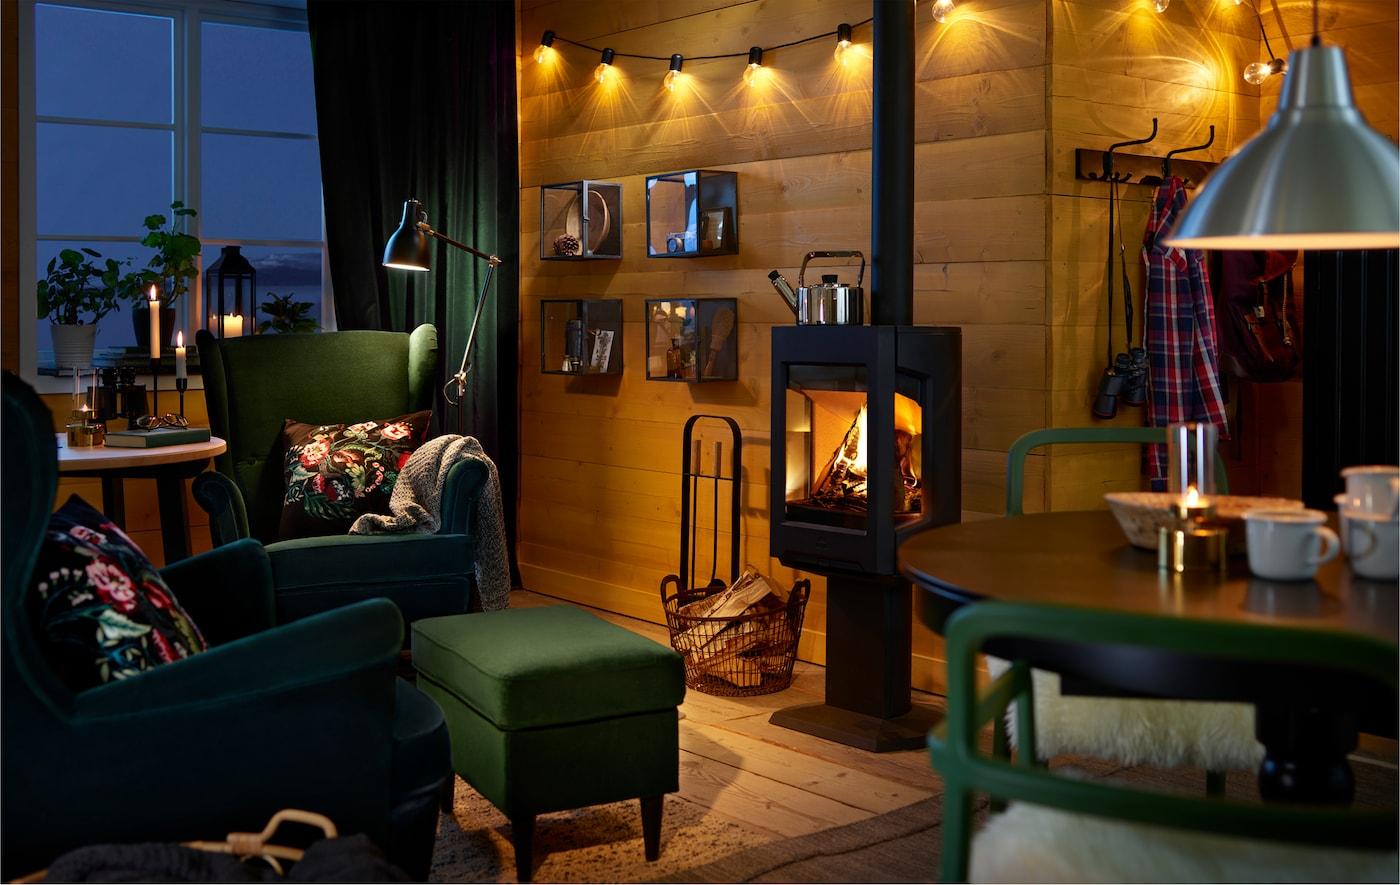 Convierte el invierno en la estación más acogedora con iluminación íntima y cálidas mantas para acurrucarse. Aquí hay algunas ideas.